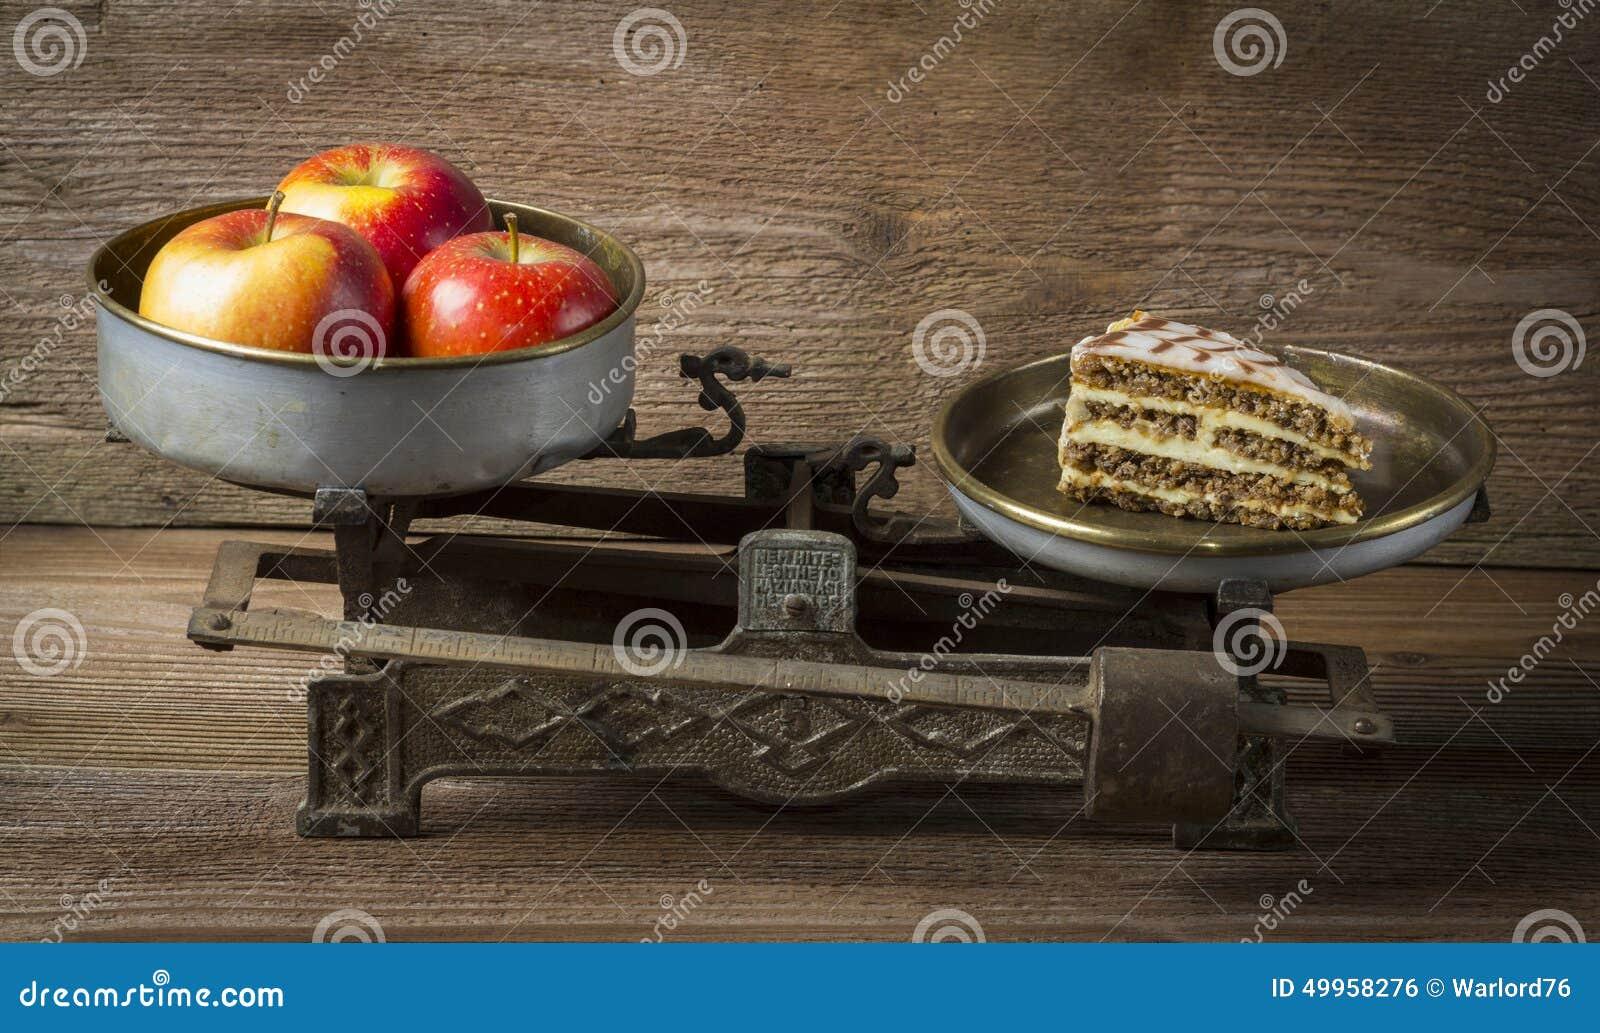 Apple in der Balance